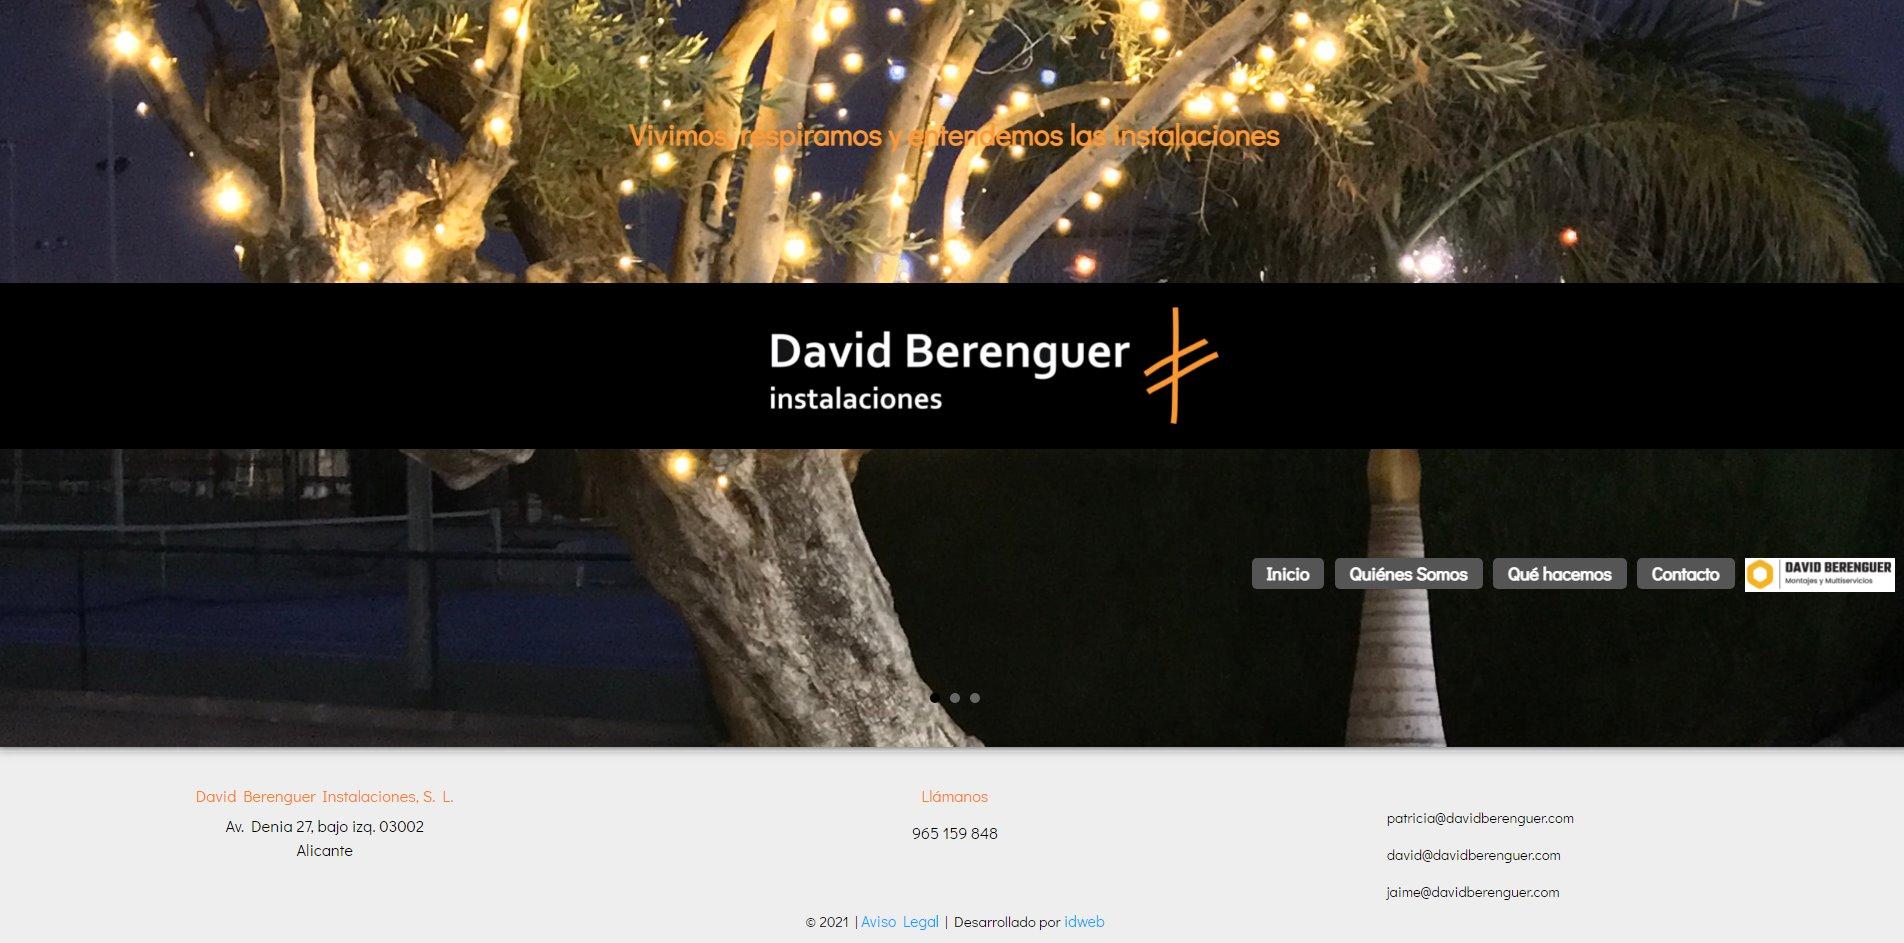 Nueva web para David Berenguer Instalaciones